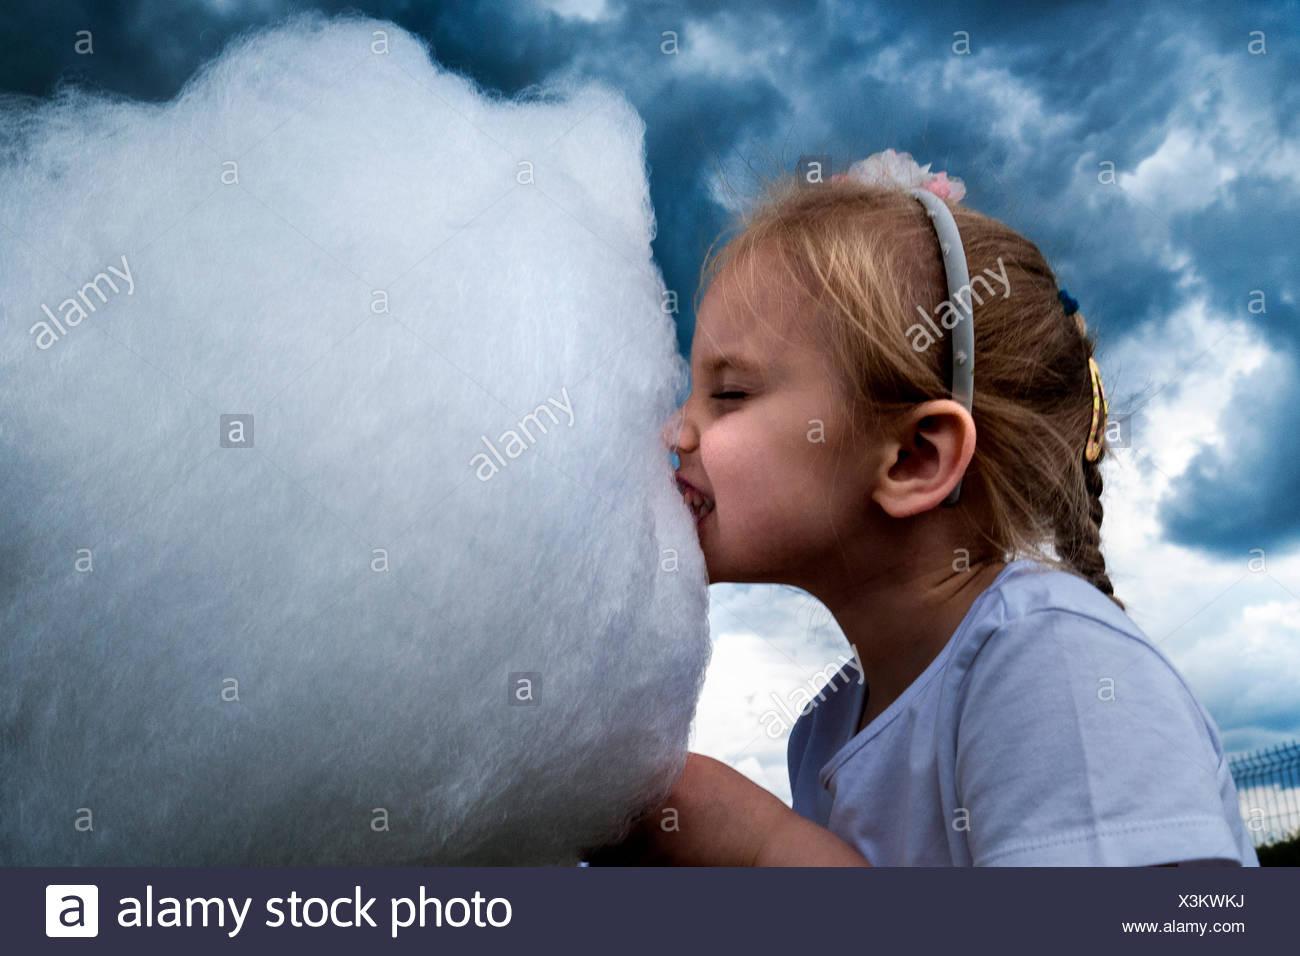 Bambina mangiando caramelle di cotone con drammatica sky dietro di lei Immagini Stock